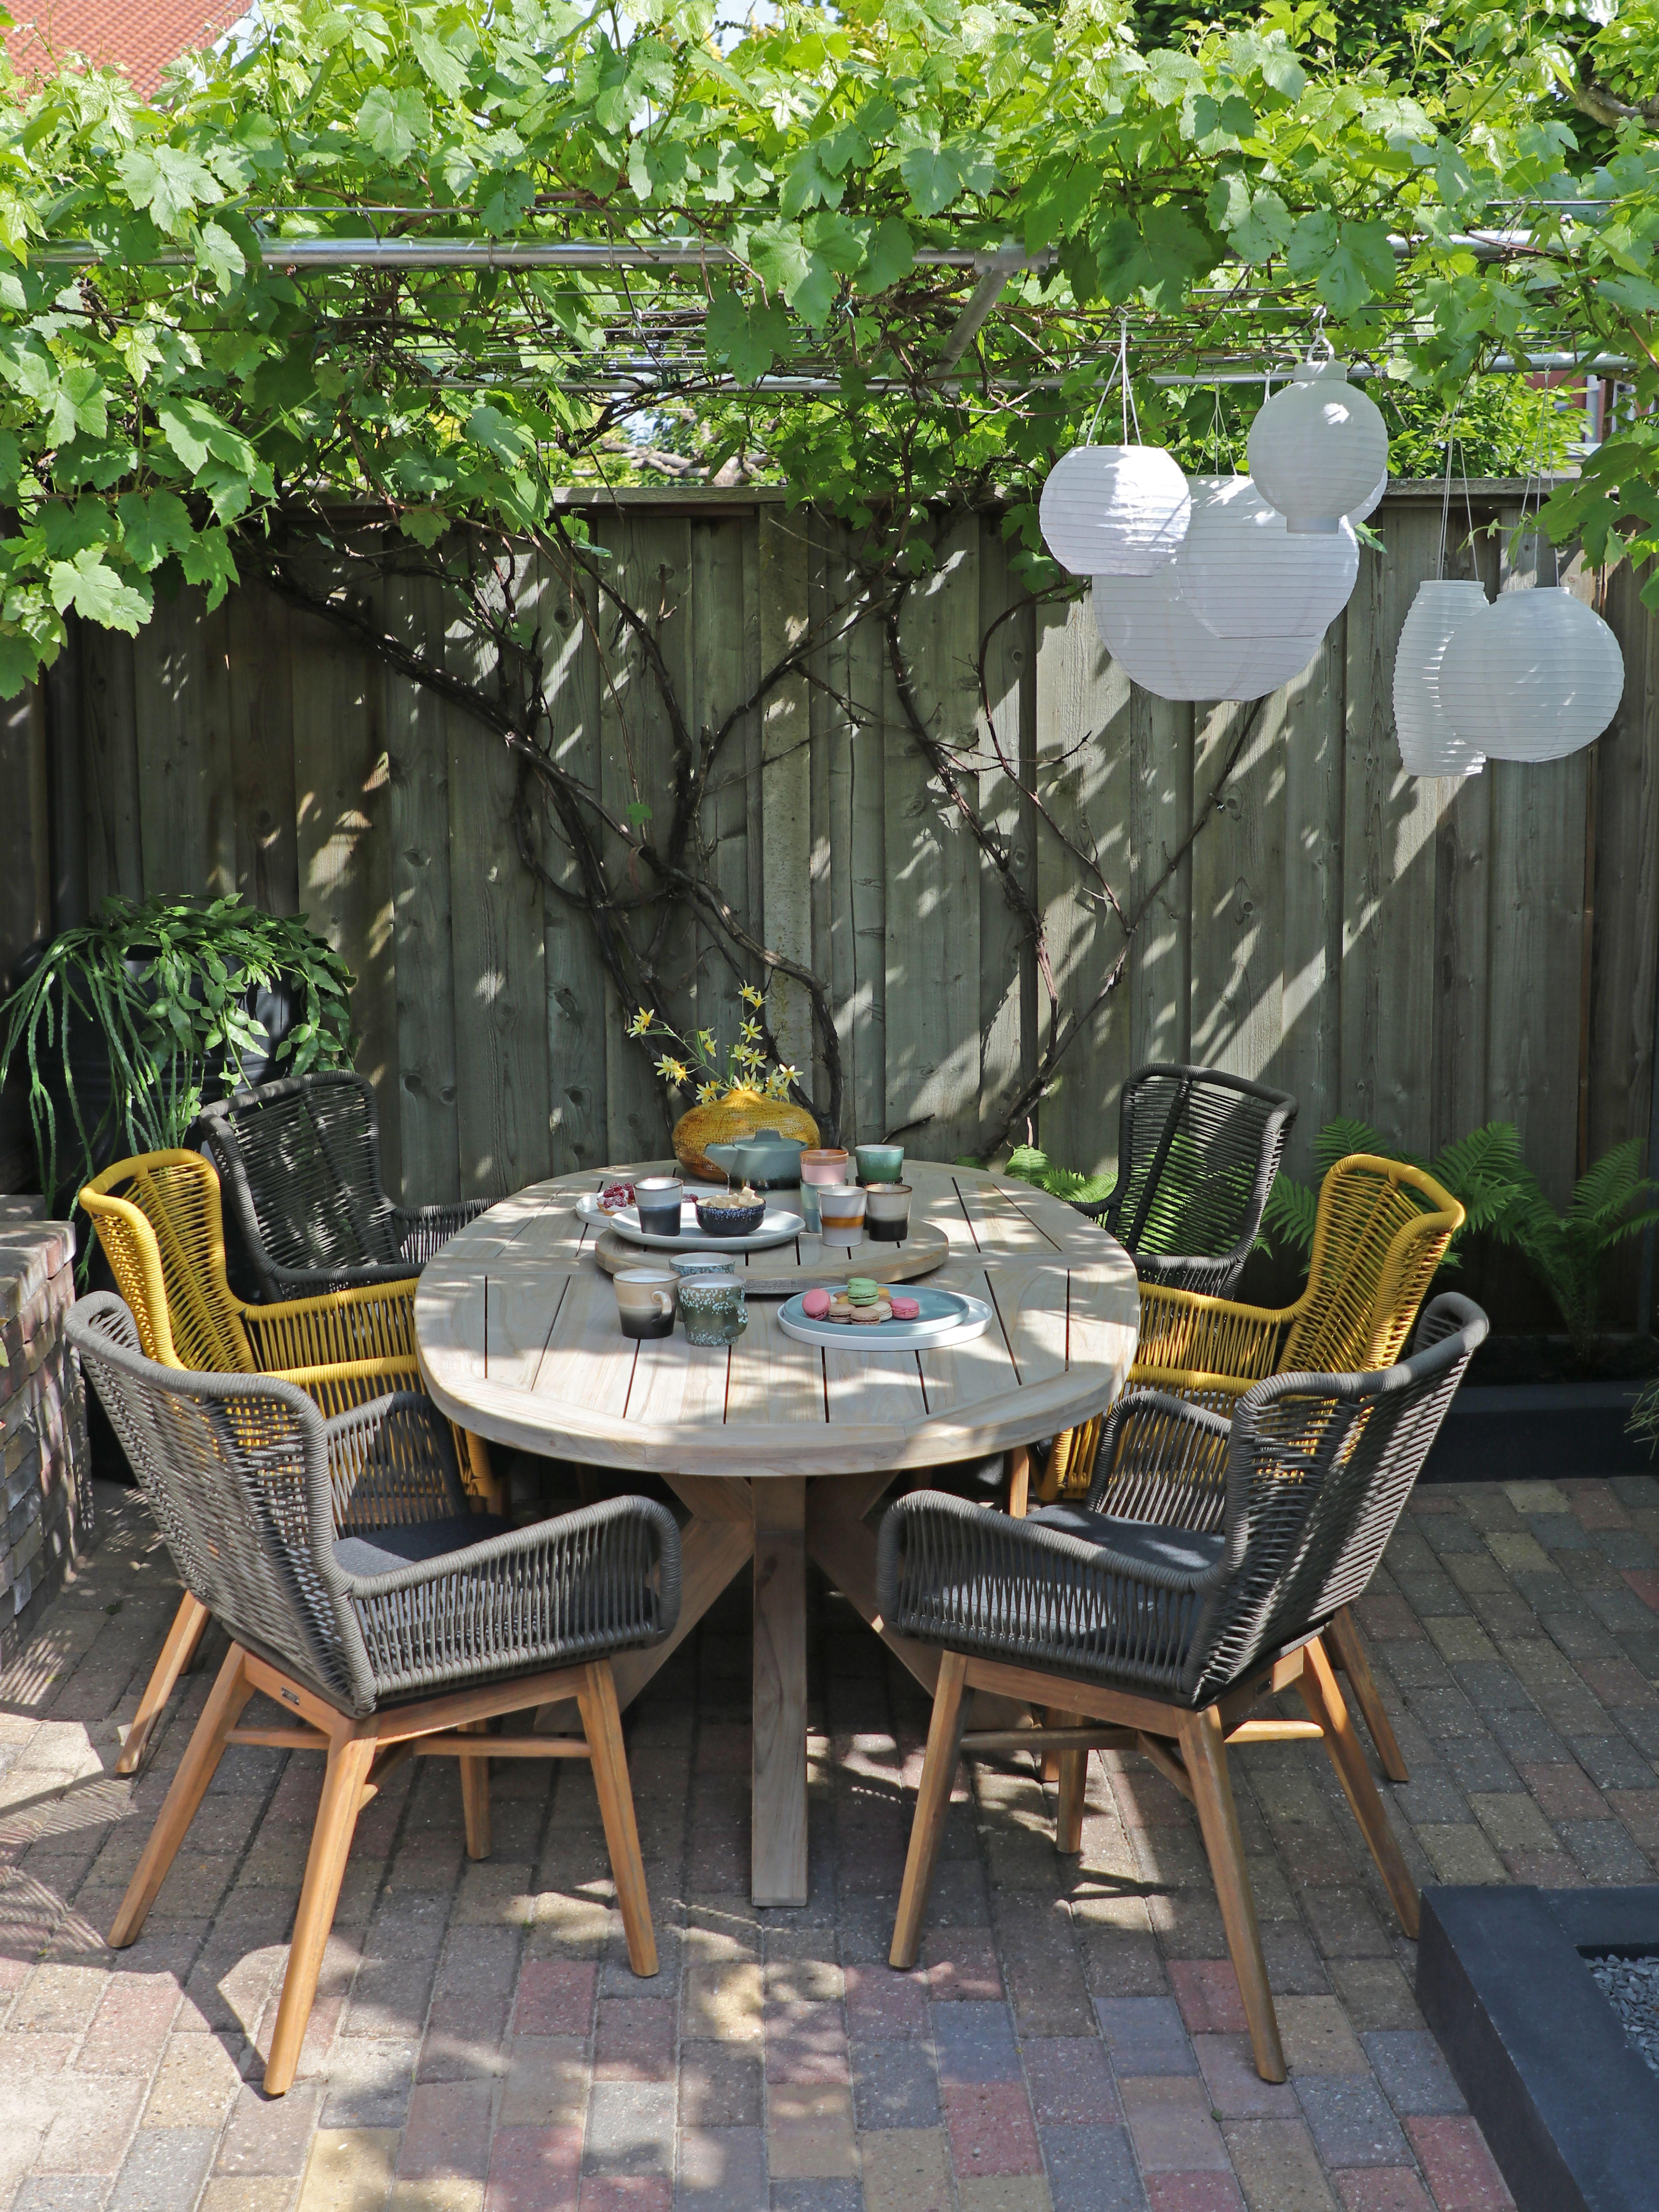 Gartenmobel Sets Von Christian Krautberger Auf Gartenhaus